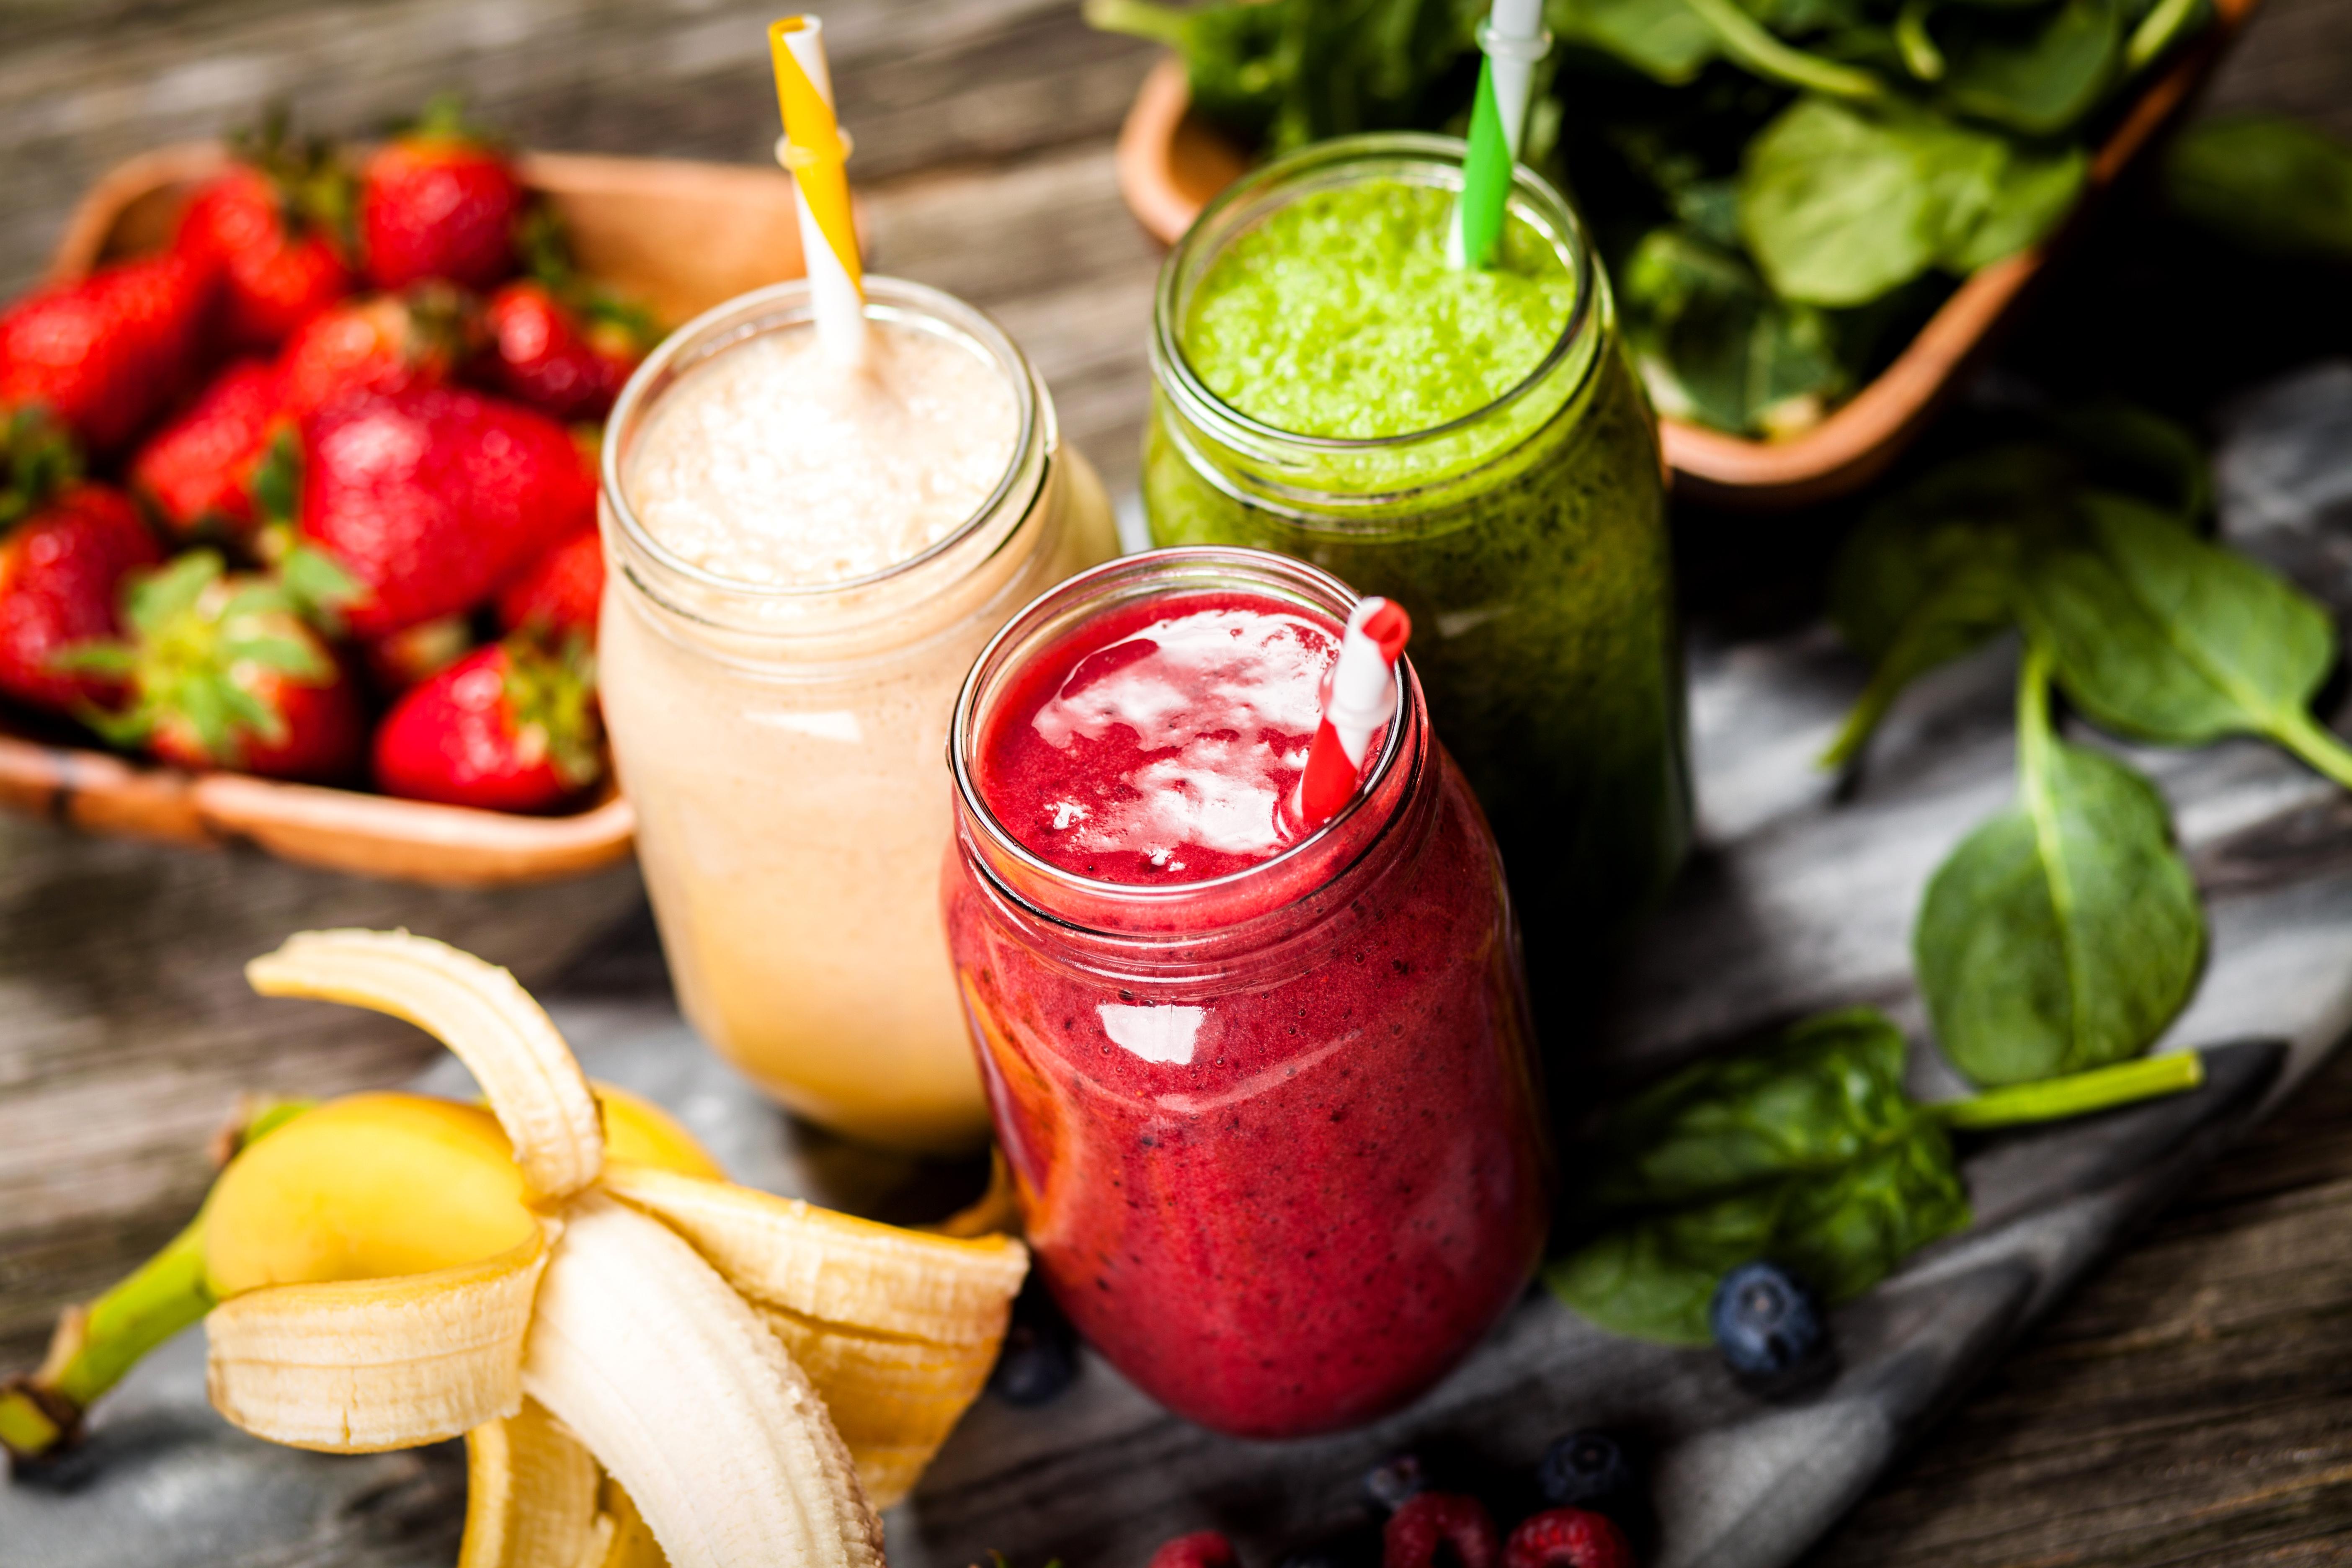 Фотографии Стакан Пища втроем Коктейль Напитки стакана стакане Еда три Трое 3 Продукты питания напиток